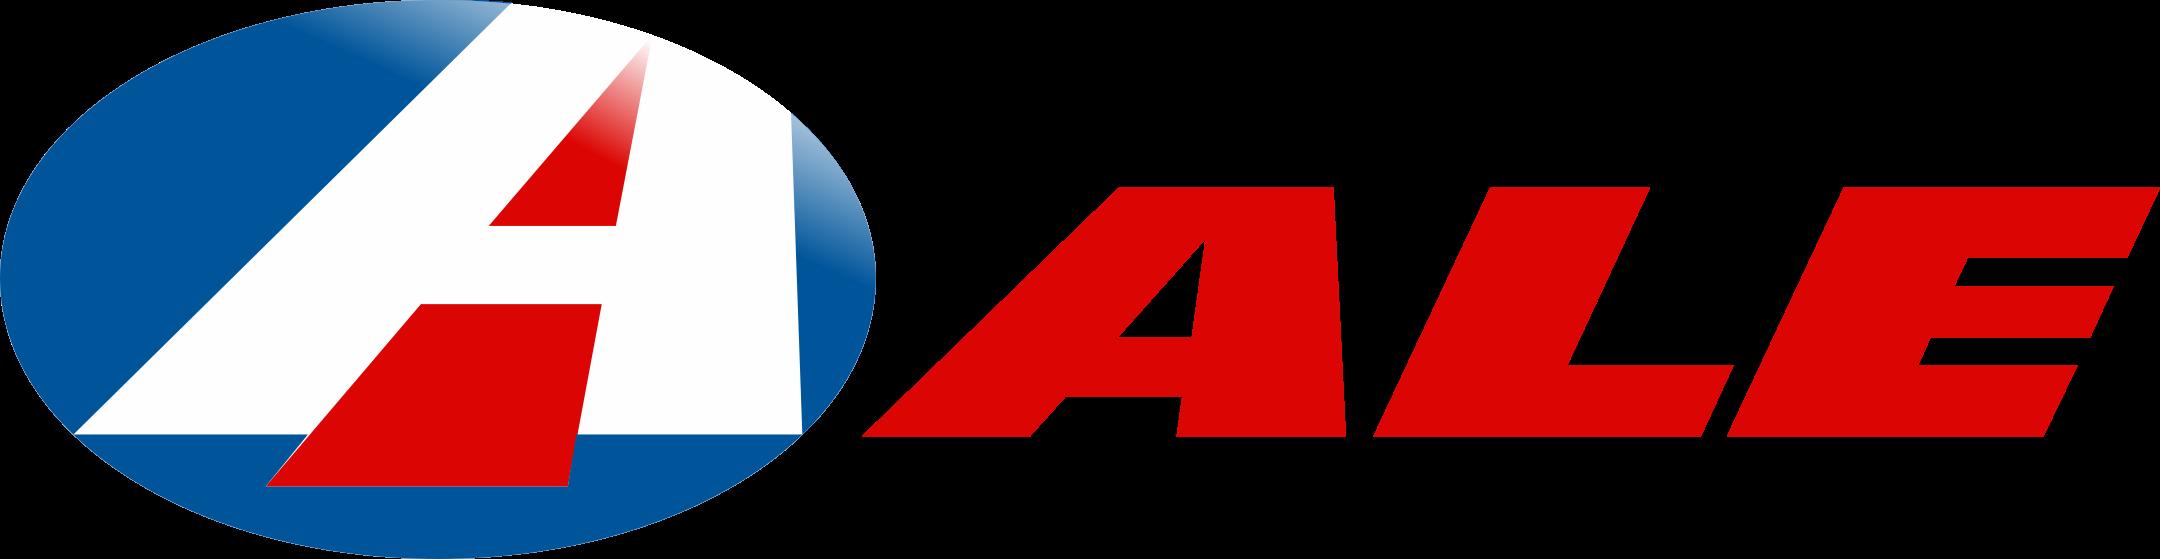 ale logo 1 - Ale Logo